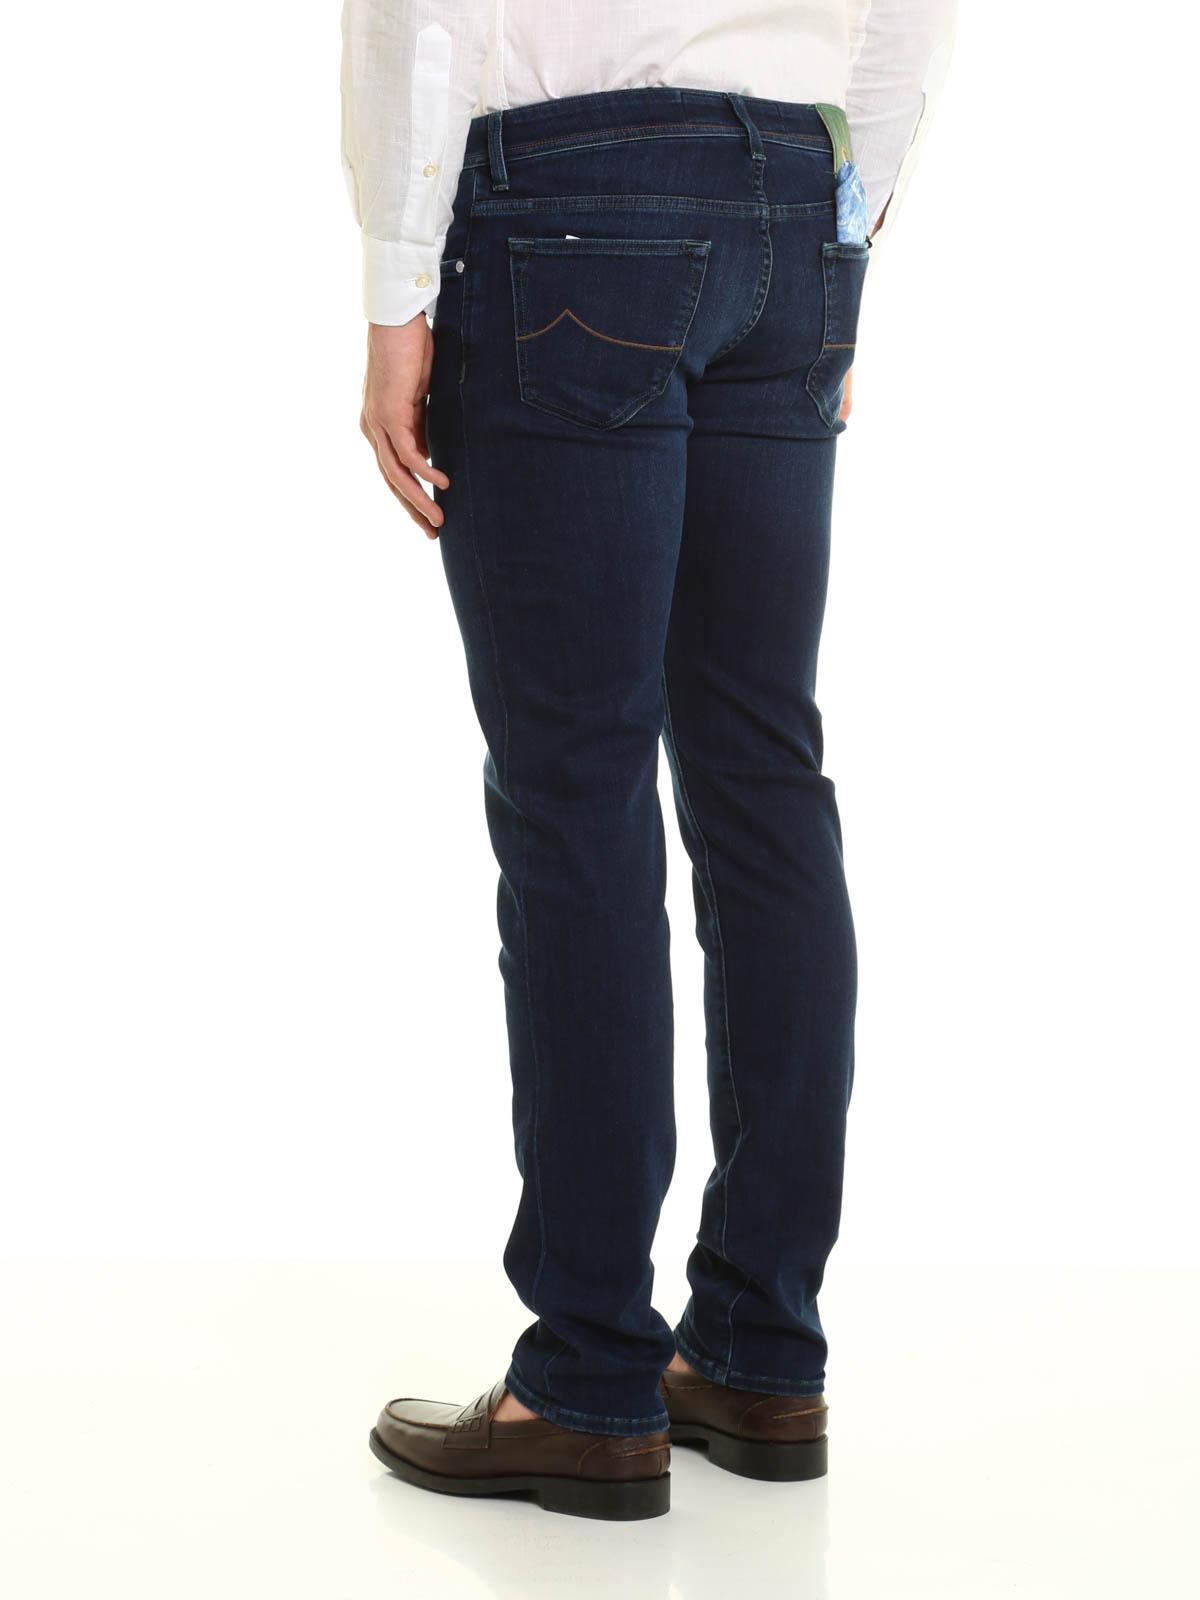 iKRIX JACOB COHEN  Jeans à jambe droite - Jean Slim Foncé Délavé Pour Homme 79535e2dd986